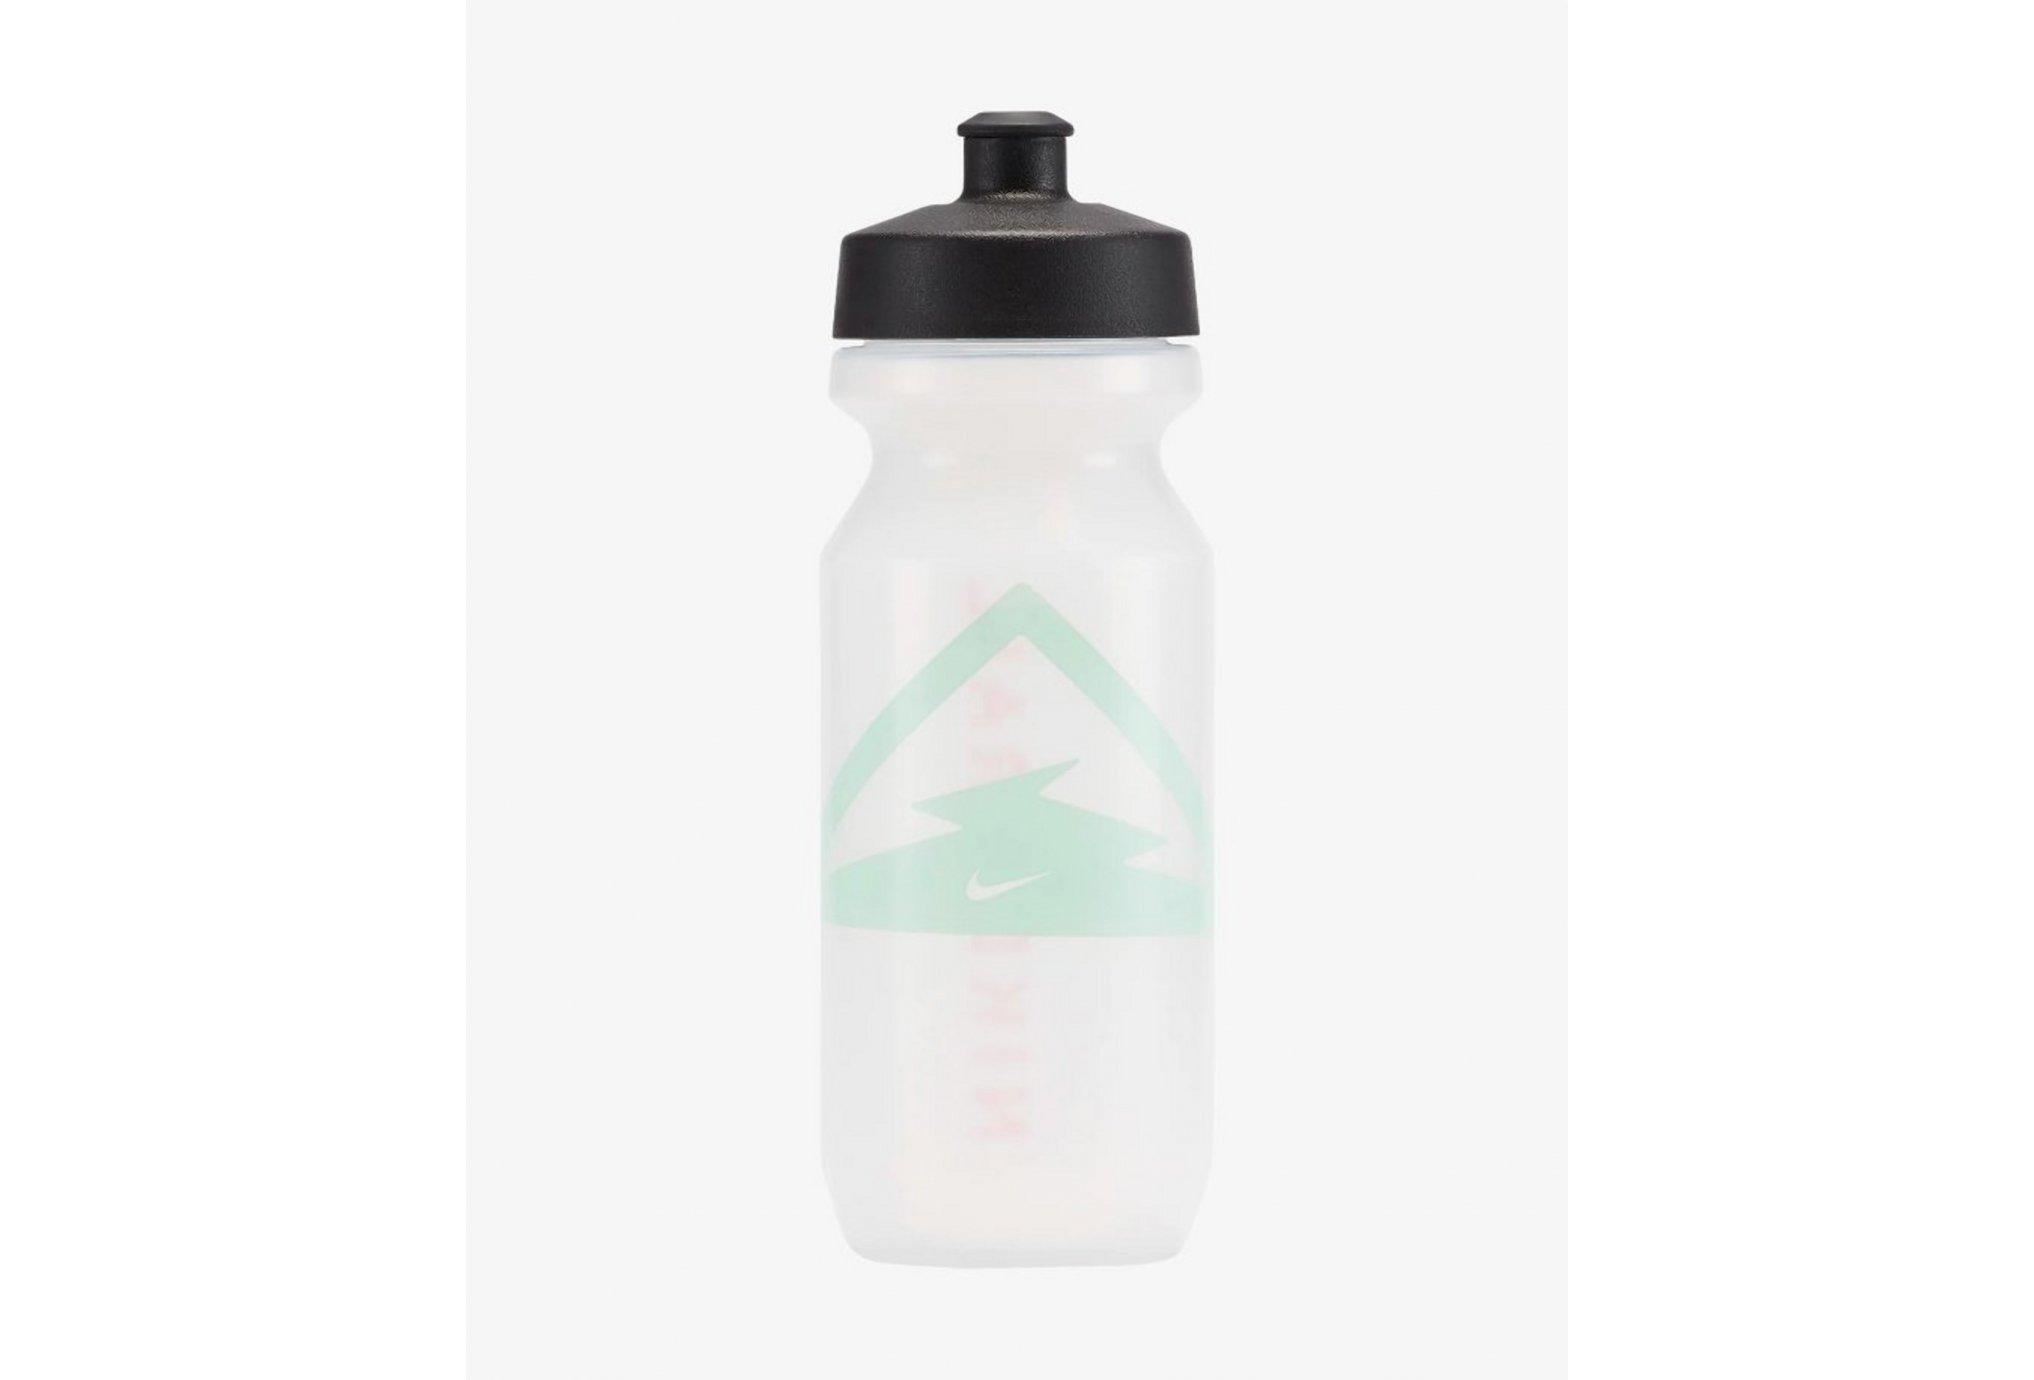 Nike Big Mouth Graphic Trail 625 mL Sac hydratation / Gourde